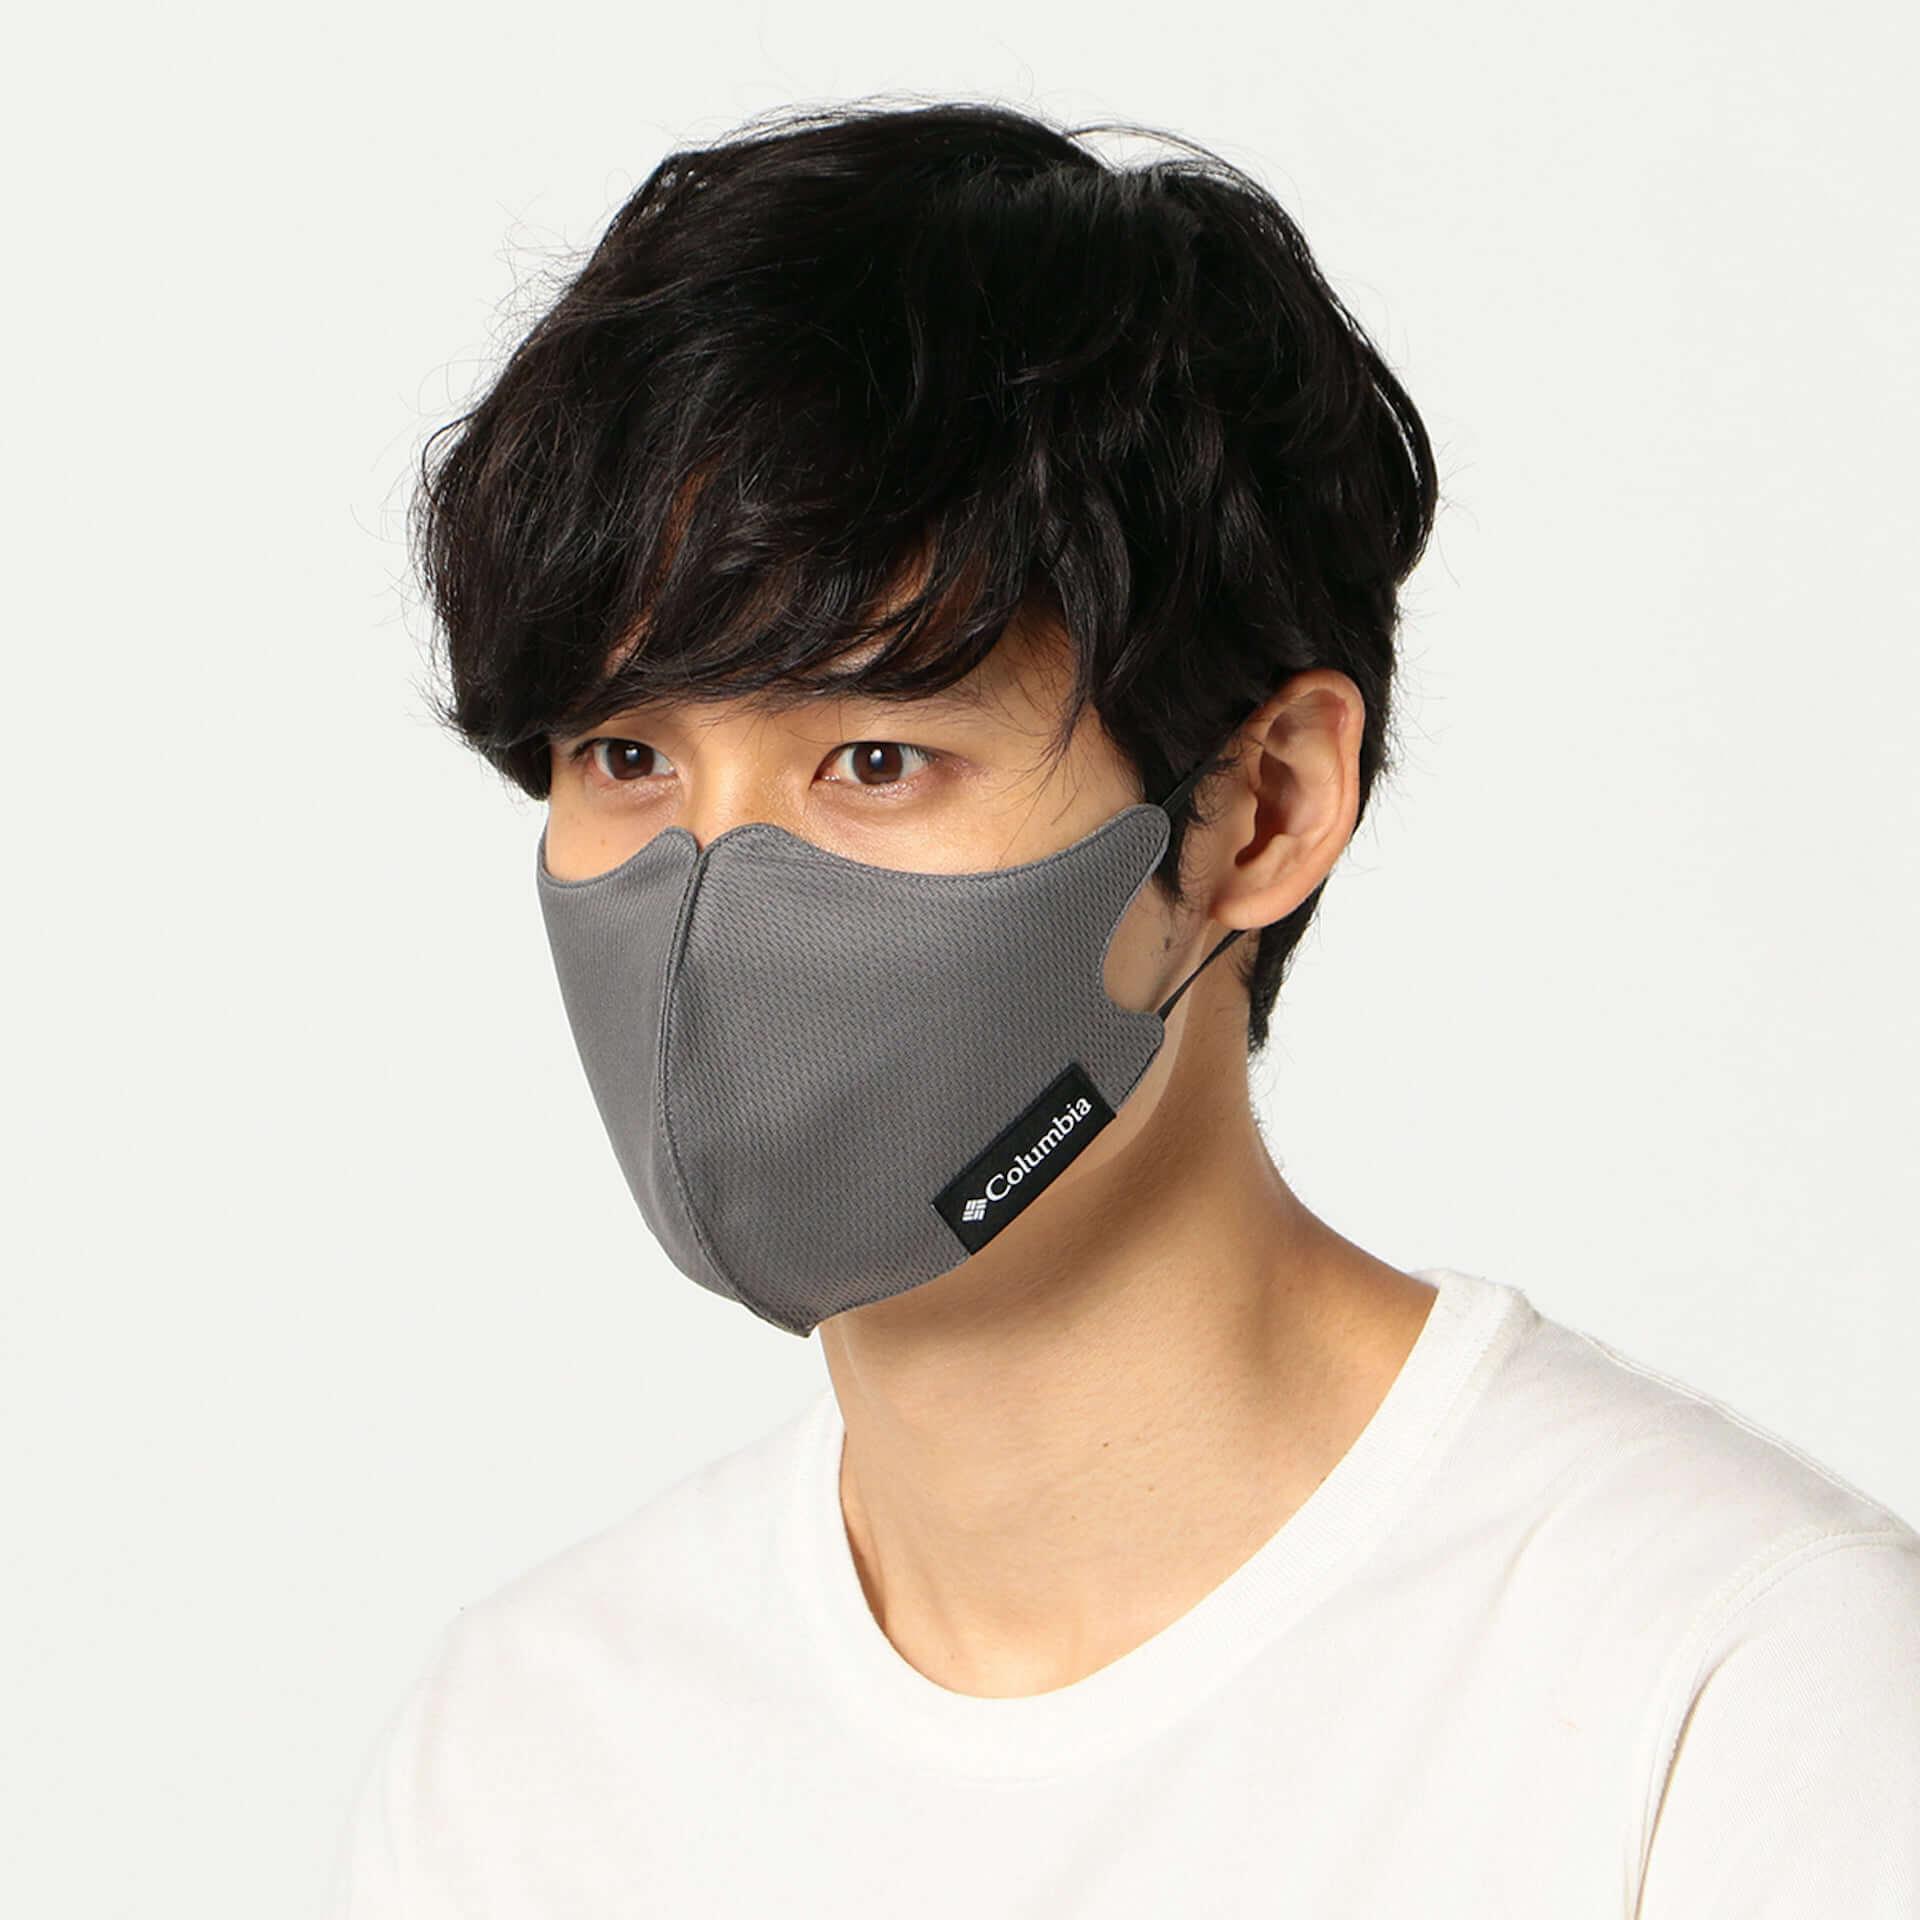 コロンビアが洗えるメッシュマスク『TURKEY CREST OFZ FACE COVER』を発売!独自の冷却・吸湿速乾機能を搭載 lf200925_columbia-mask_10-1920x1920